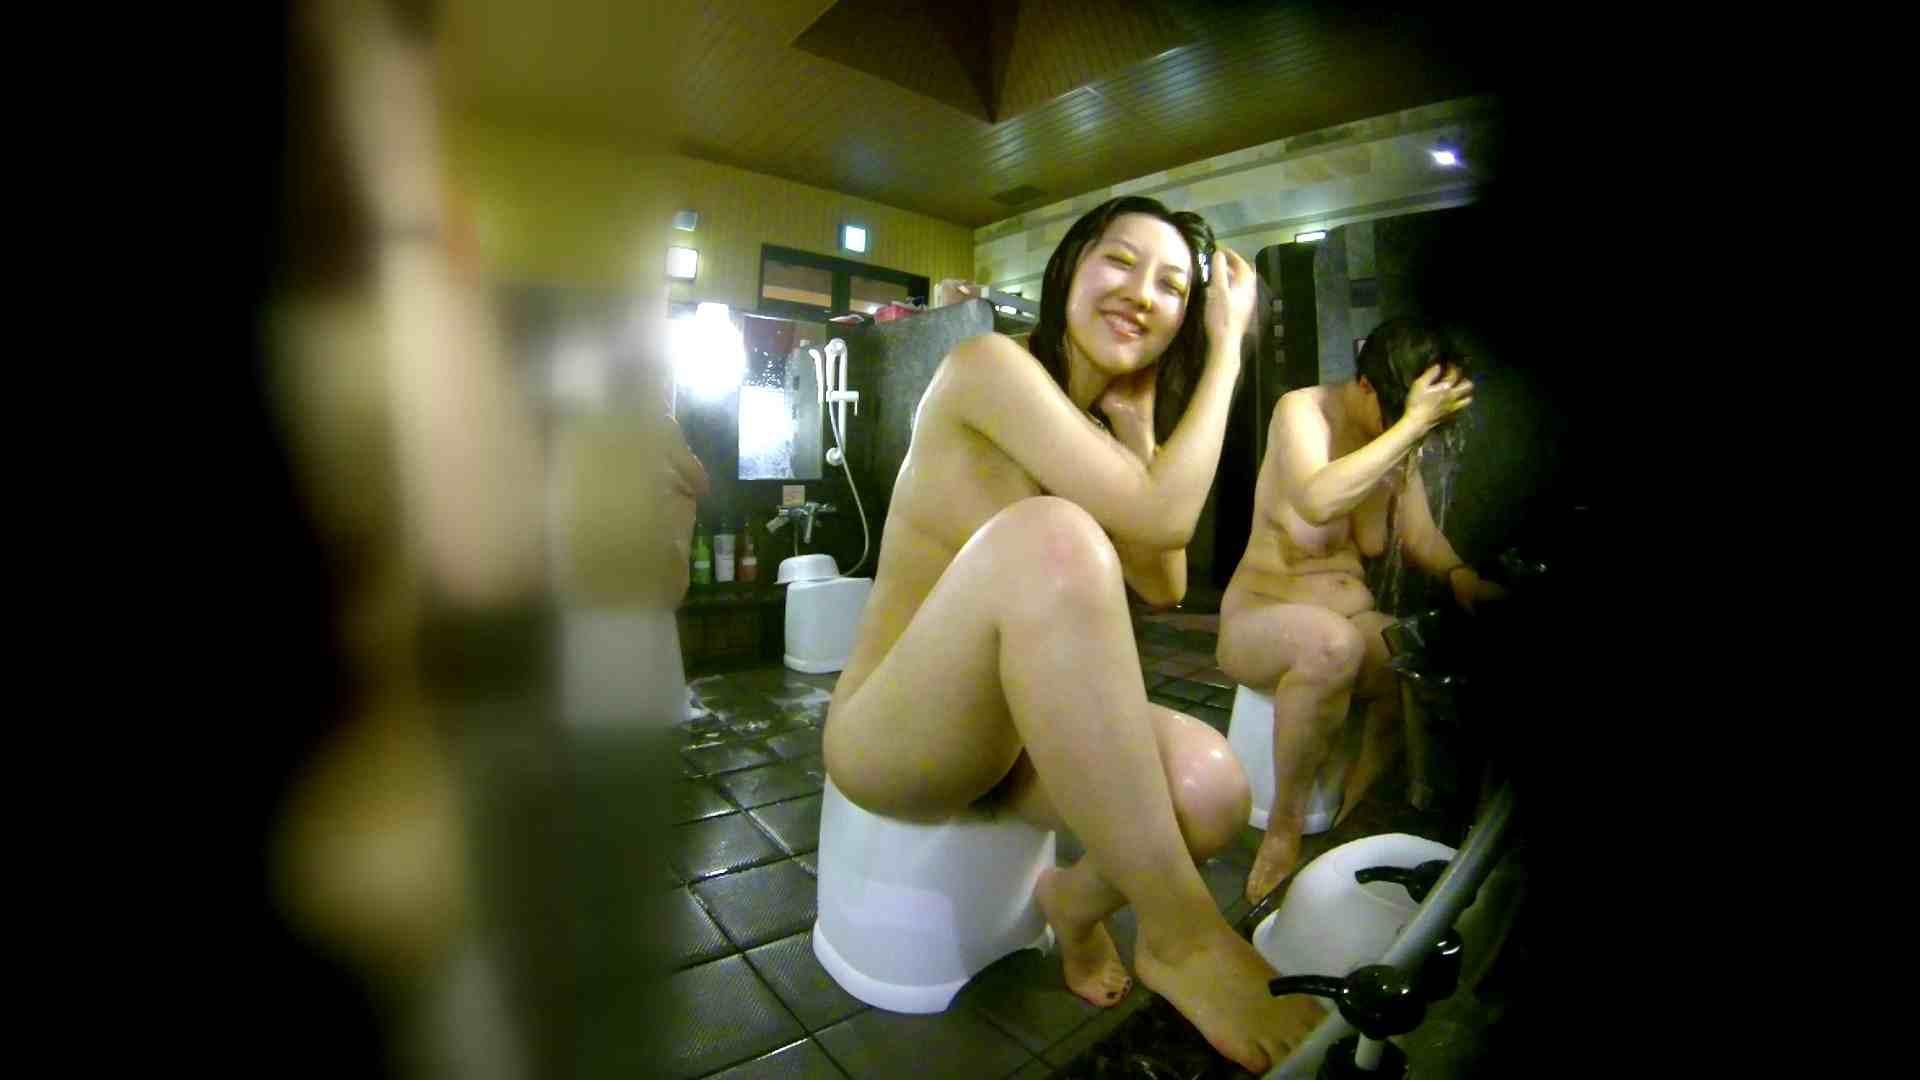 洗い場!右足の位置がいいですね。陰毛もっさり! 潜入 ワレメ無修正動画無料 74画像 27